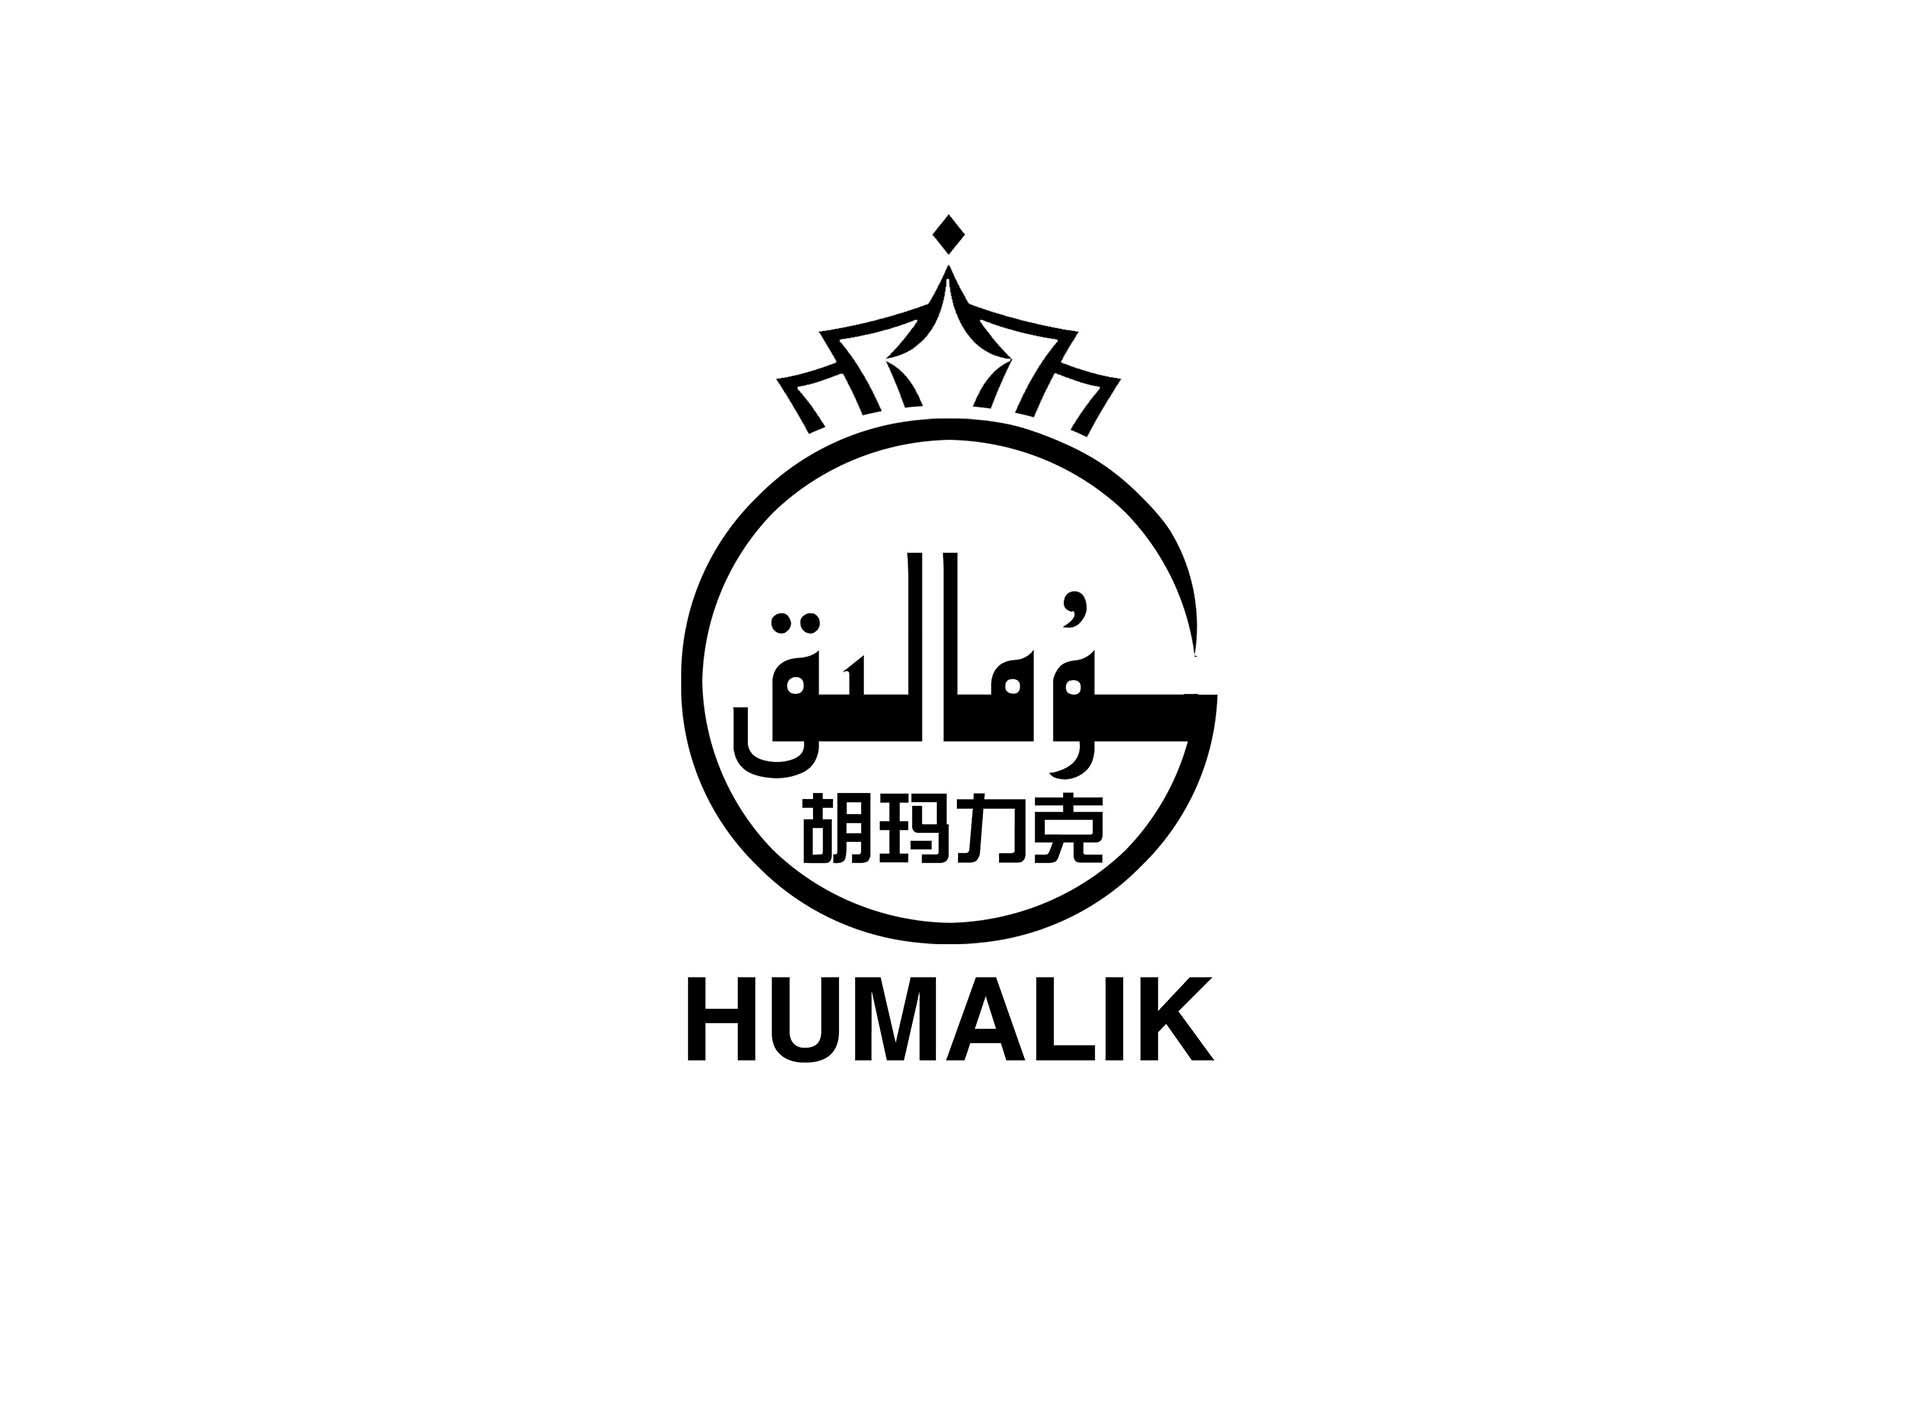 商标文字胡玛力克 HUMALIK商标注册号 32975322、商标申请人新疆辉煌商贸有限公司的商标详情 - 标库网商标查询